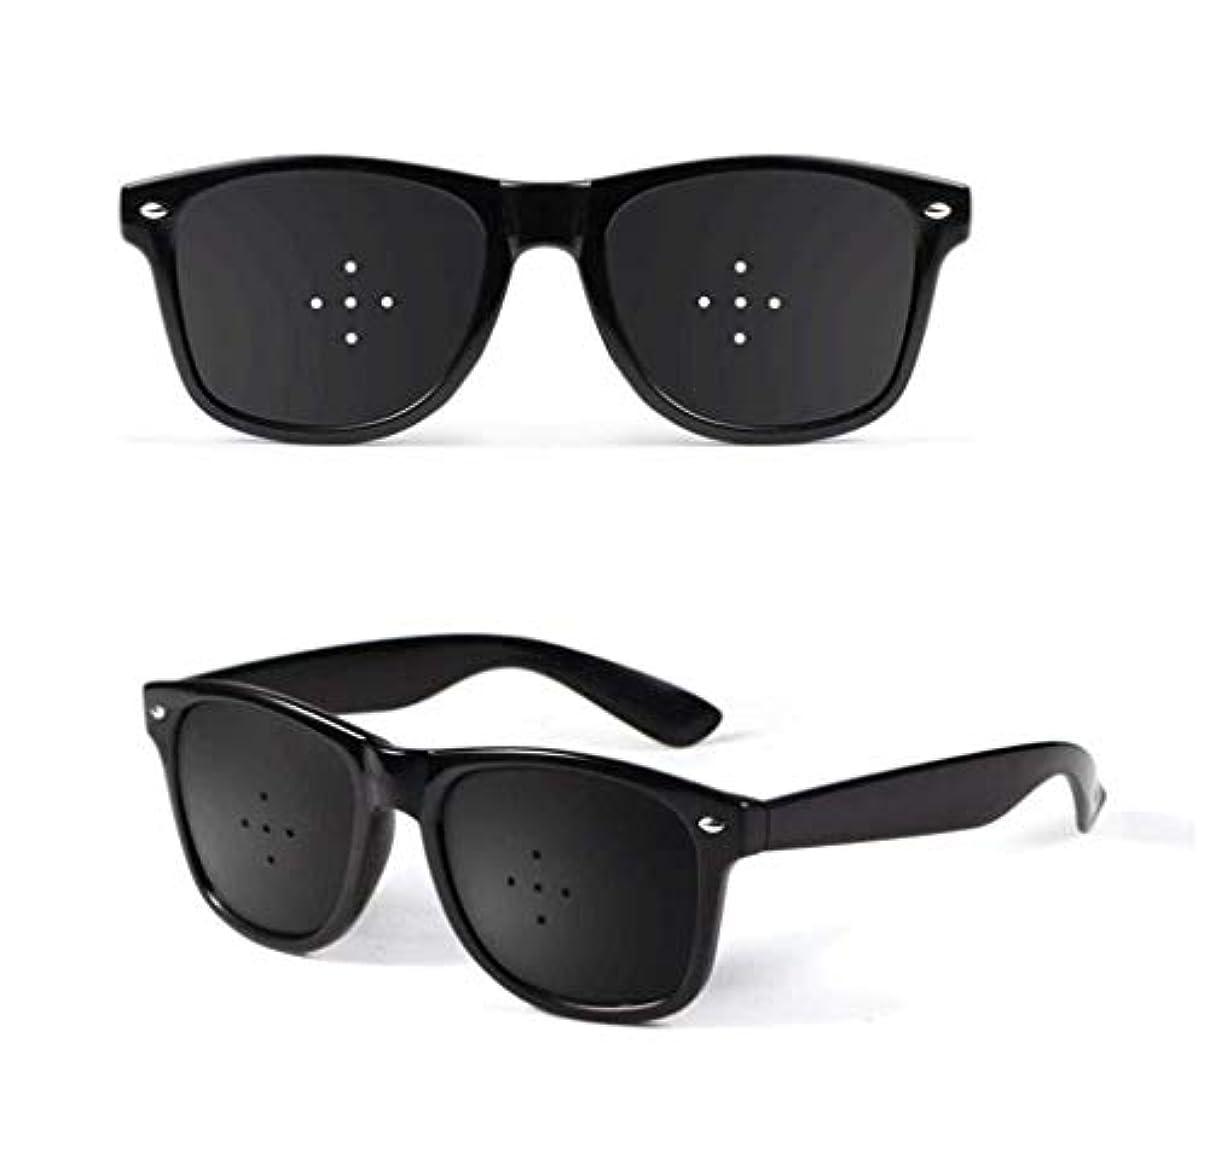 強います閉じる同封するユニセックス視力ビジョンケアビジョンピンホールメガネアイズエクササイズファッションナチュラル (Color : 黒)